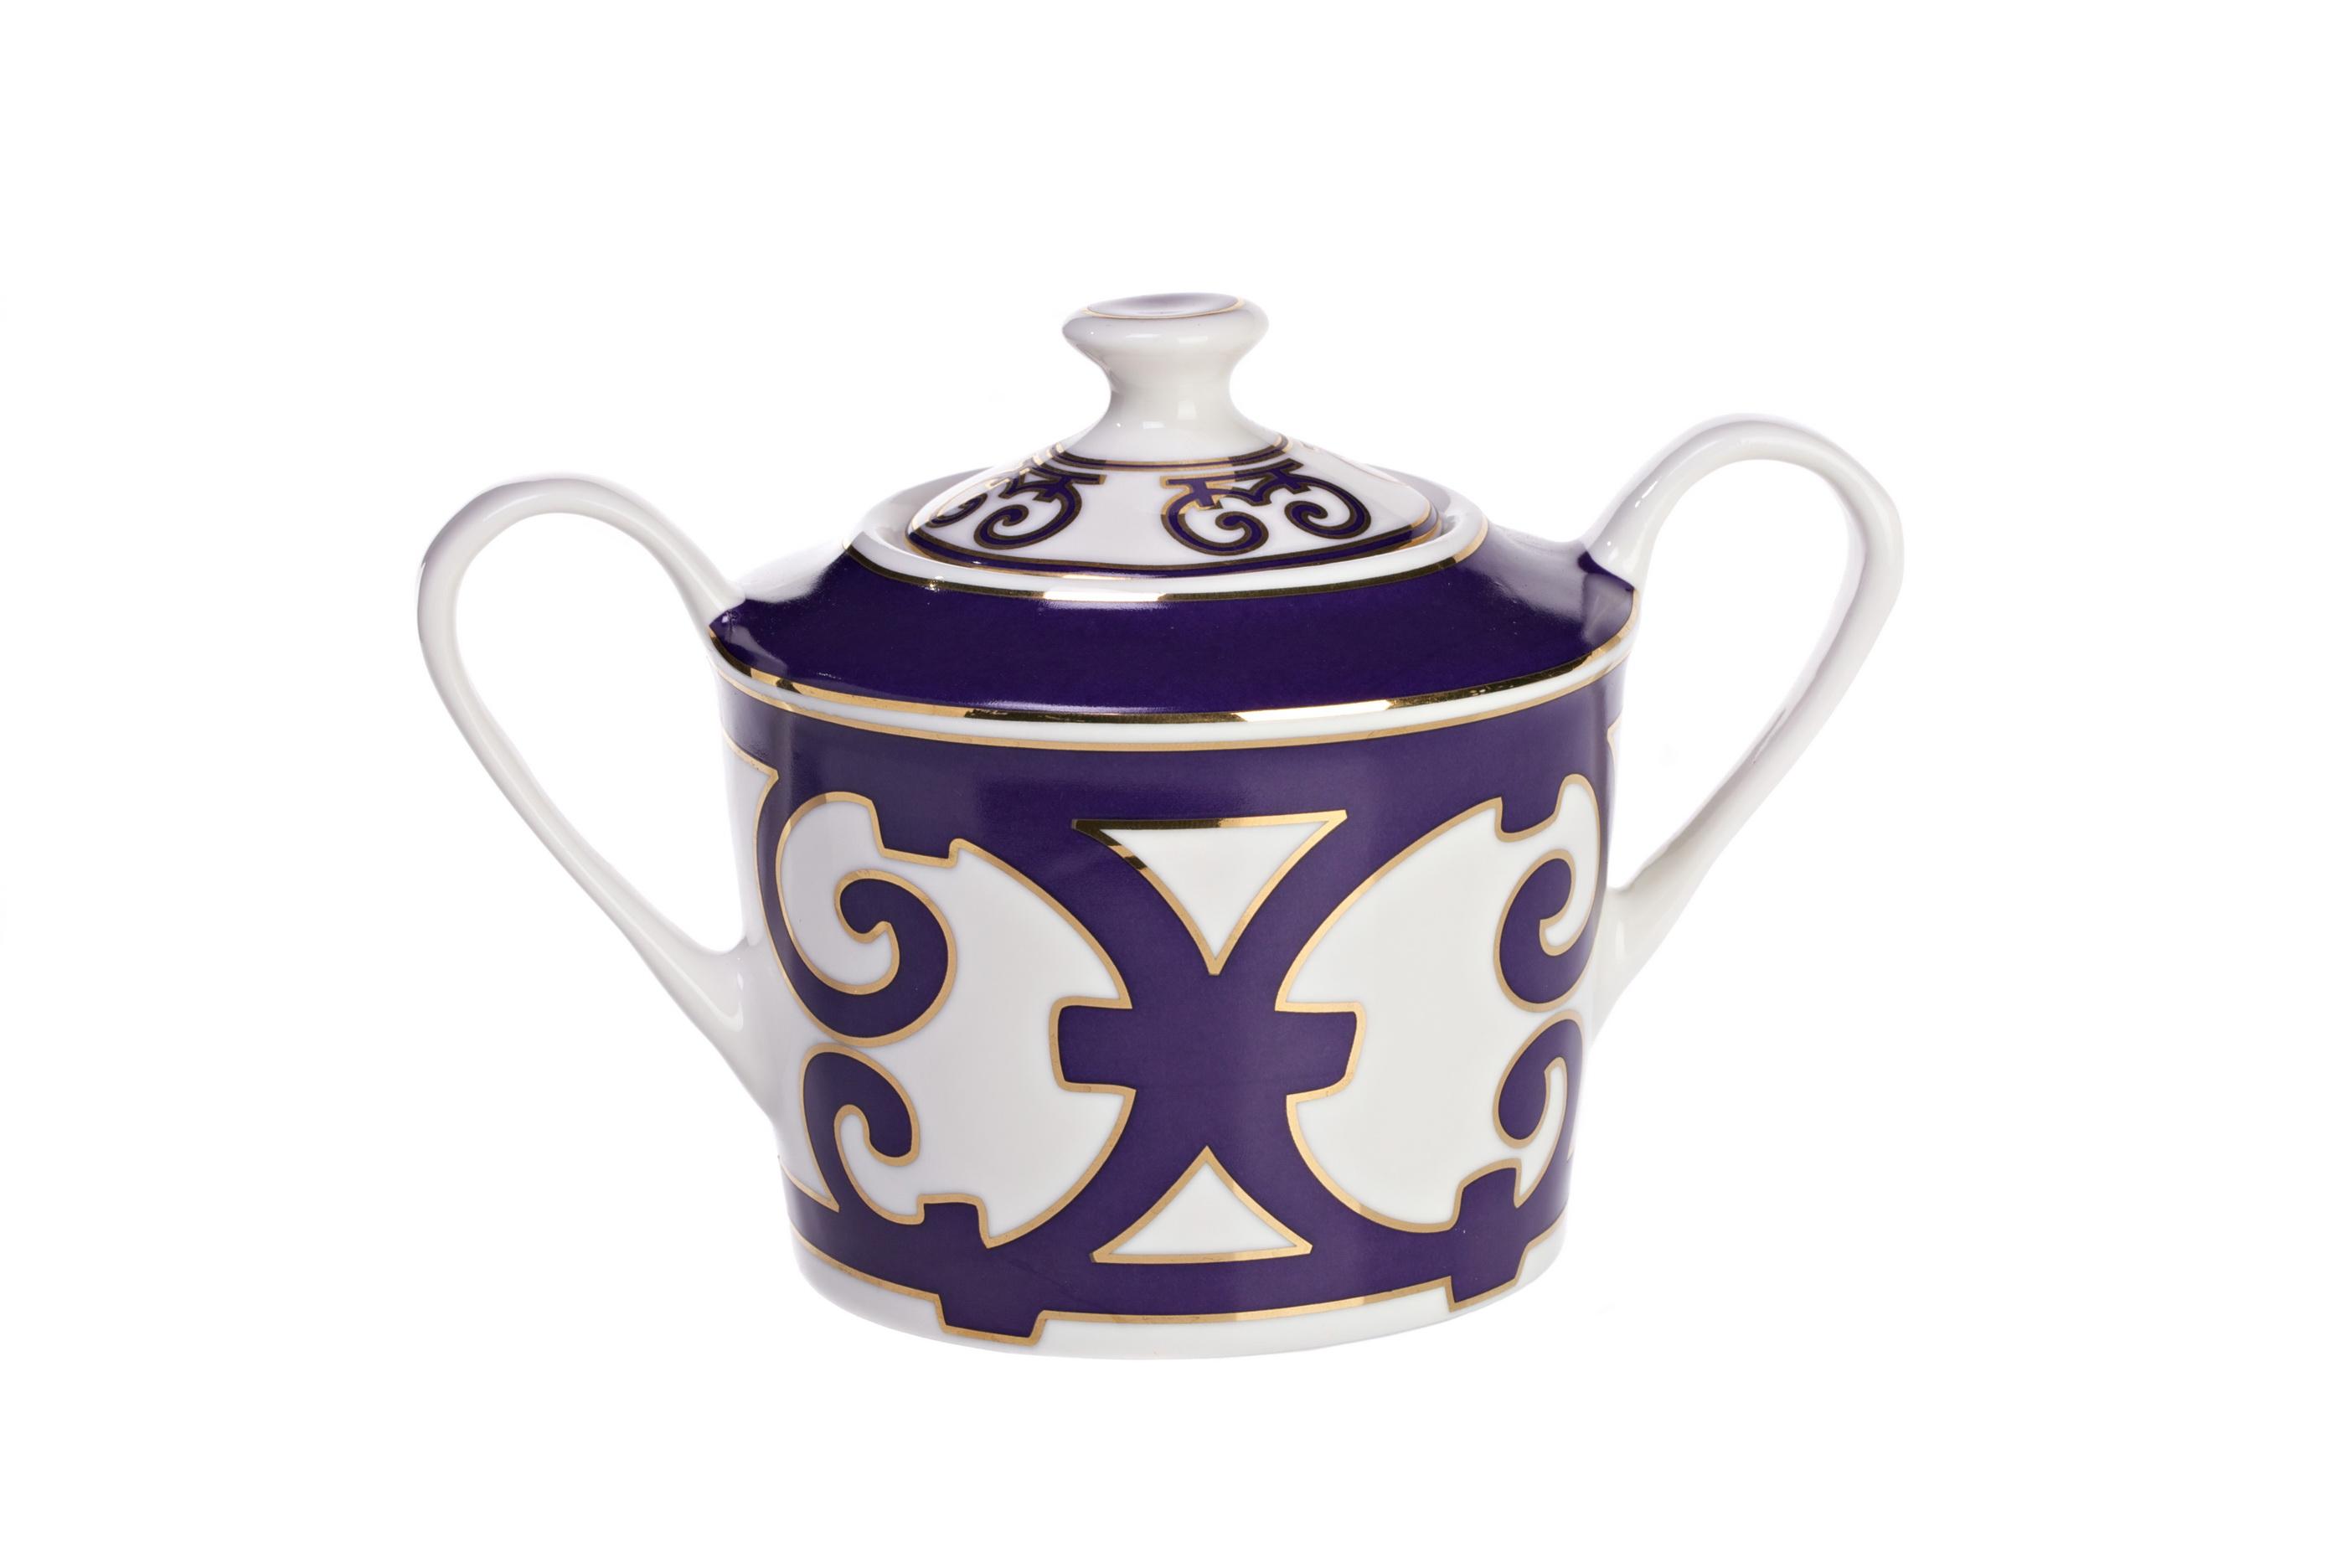 Сахарница Violet DreamsСахарницы<br>Сахарница как непременный атрибут чаепития появилась в Европе в начале 16-го  века. Когда-то она выглядела как круглая емкость, накрывавшаяся блюдцем. С тех пор дизайн сахарницы претерпел существенные изменения: появилась крышка, ручки и даже форма изделия теперь ограничена лишь фантазией дизайнера.<br>Сахарница «Violet Dreams» имеет классическую круглую форму, изящные ручки и украшена великолепным орнаментом из причудливо переплетенных линий. Изделие выполнено из тончайшего костяного фарфора и станет прекрасным дополнением к другим предметам для чаепития серии «Violet Dreams».<br><br>Material: Фарфор<br>Width см: 11<br>Depth см: 10<br>Height см: 16